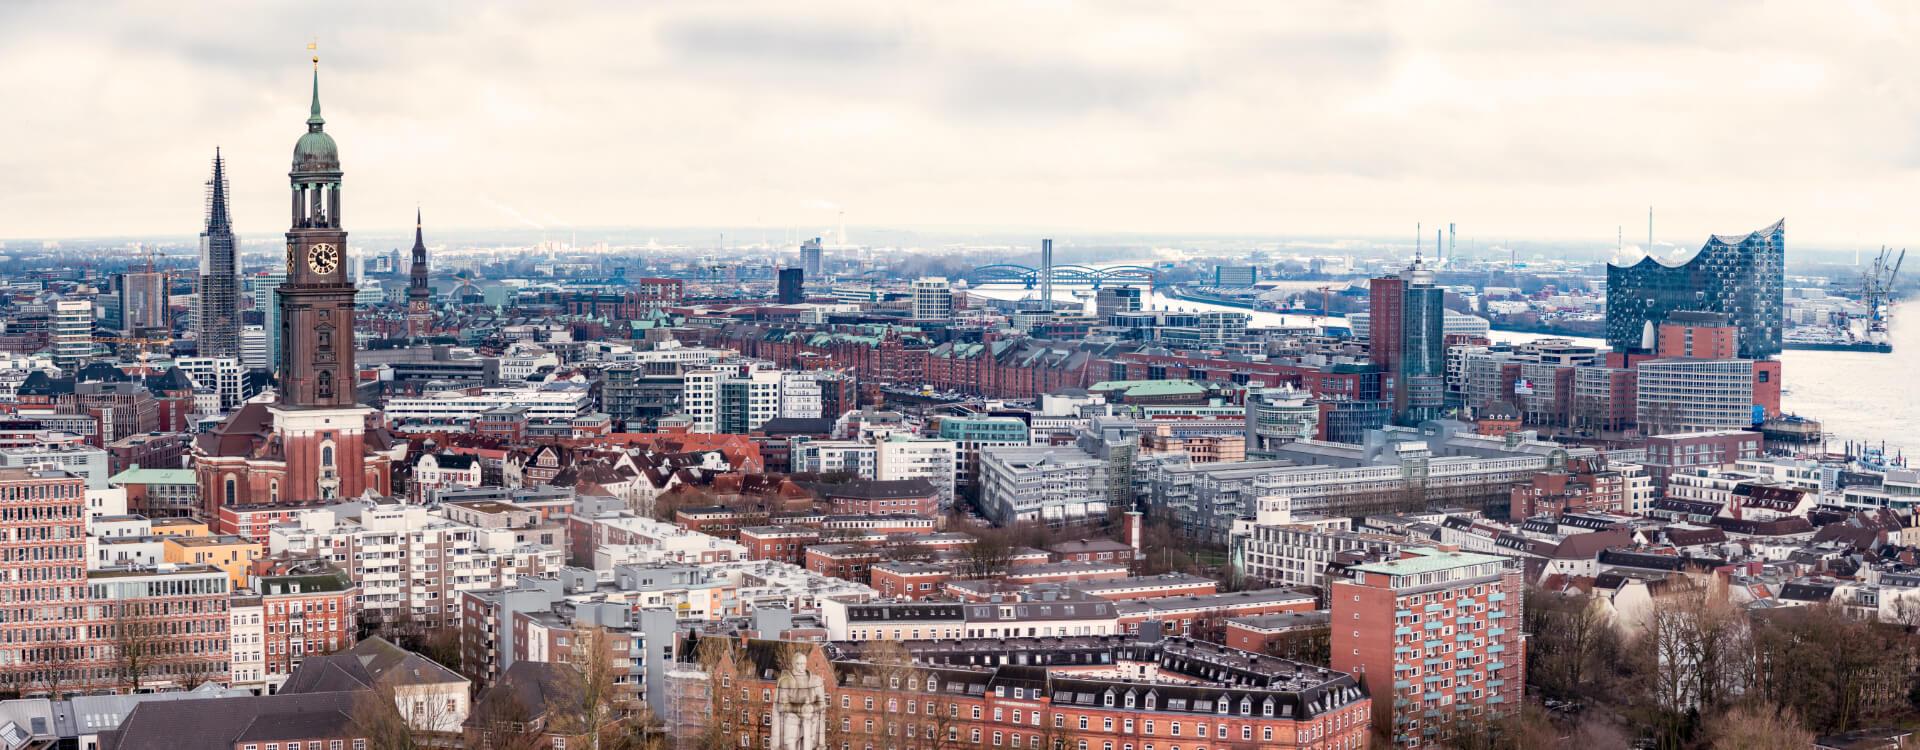 Steuerstrafrecht Hamburg | Mirko Laudon ist Anwalt für Strafrecht in Hamburg